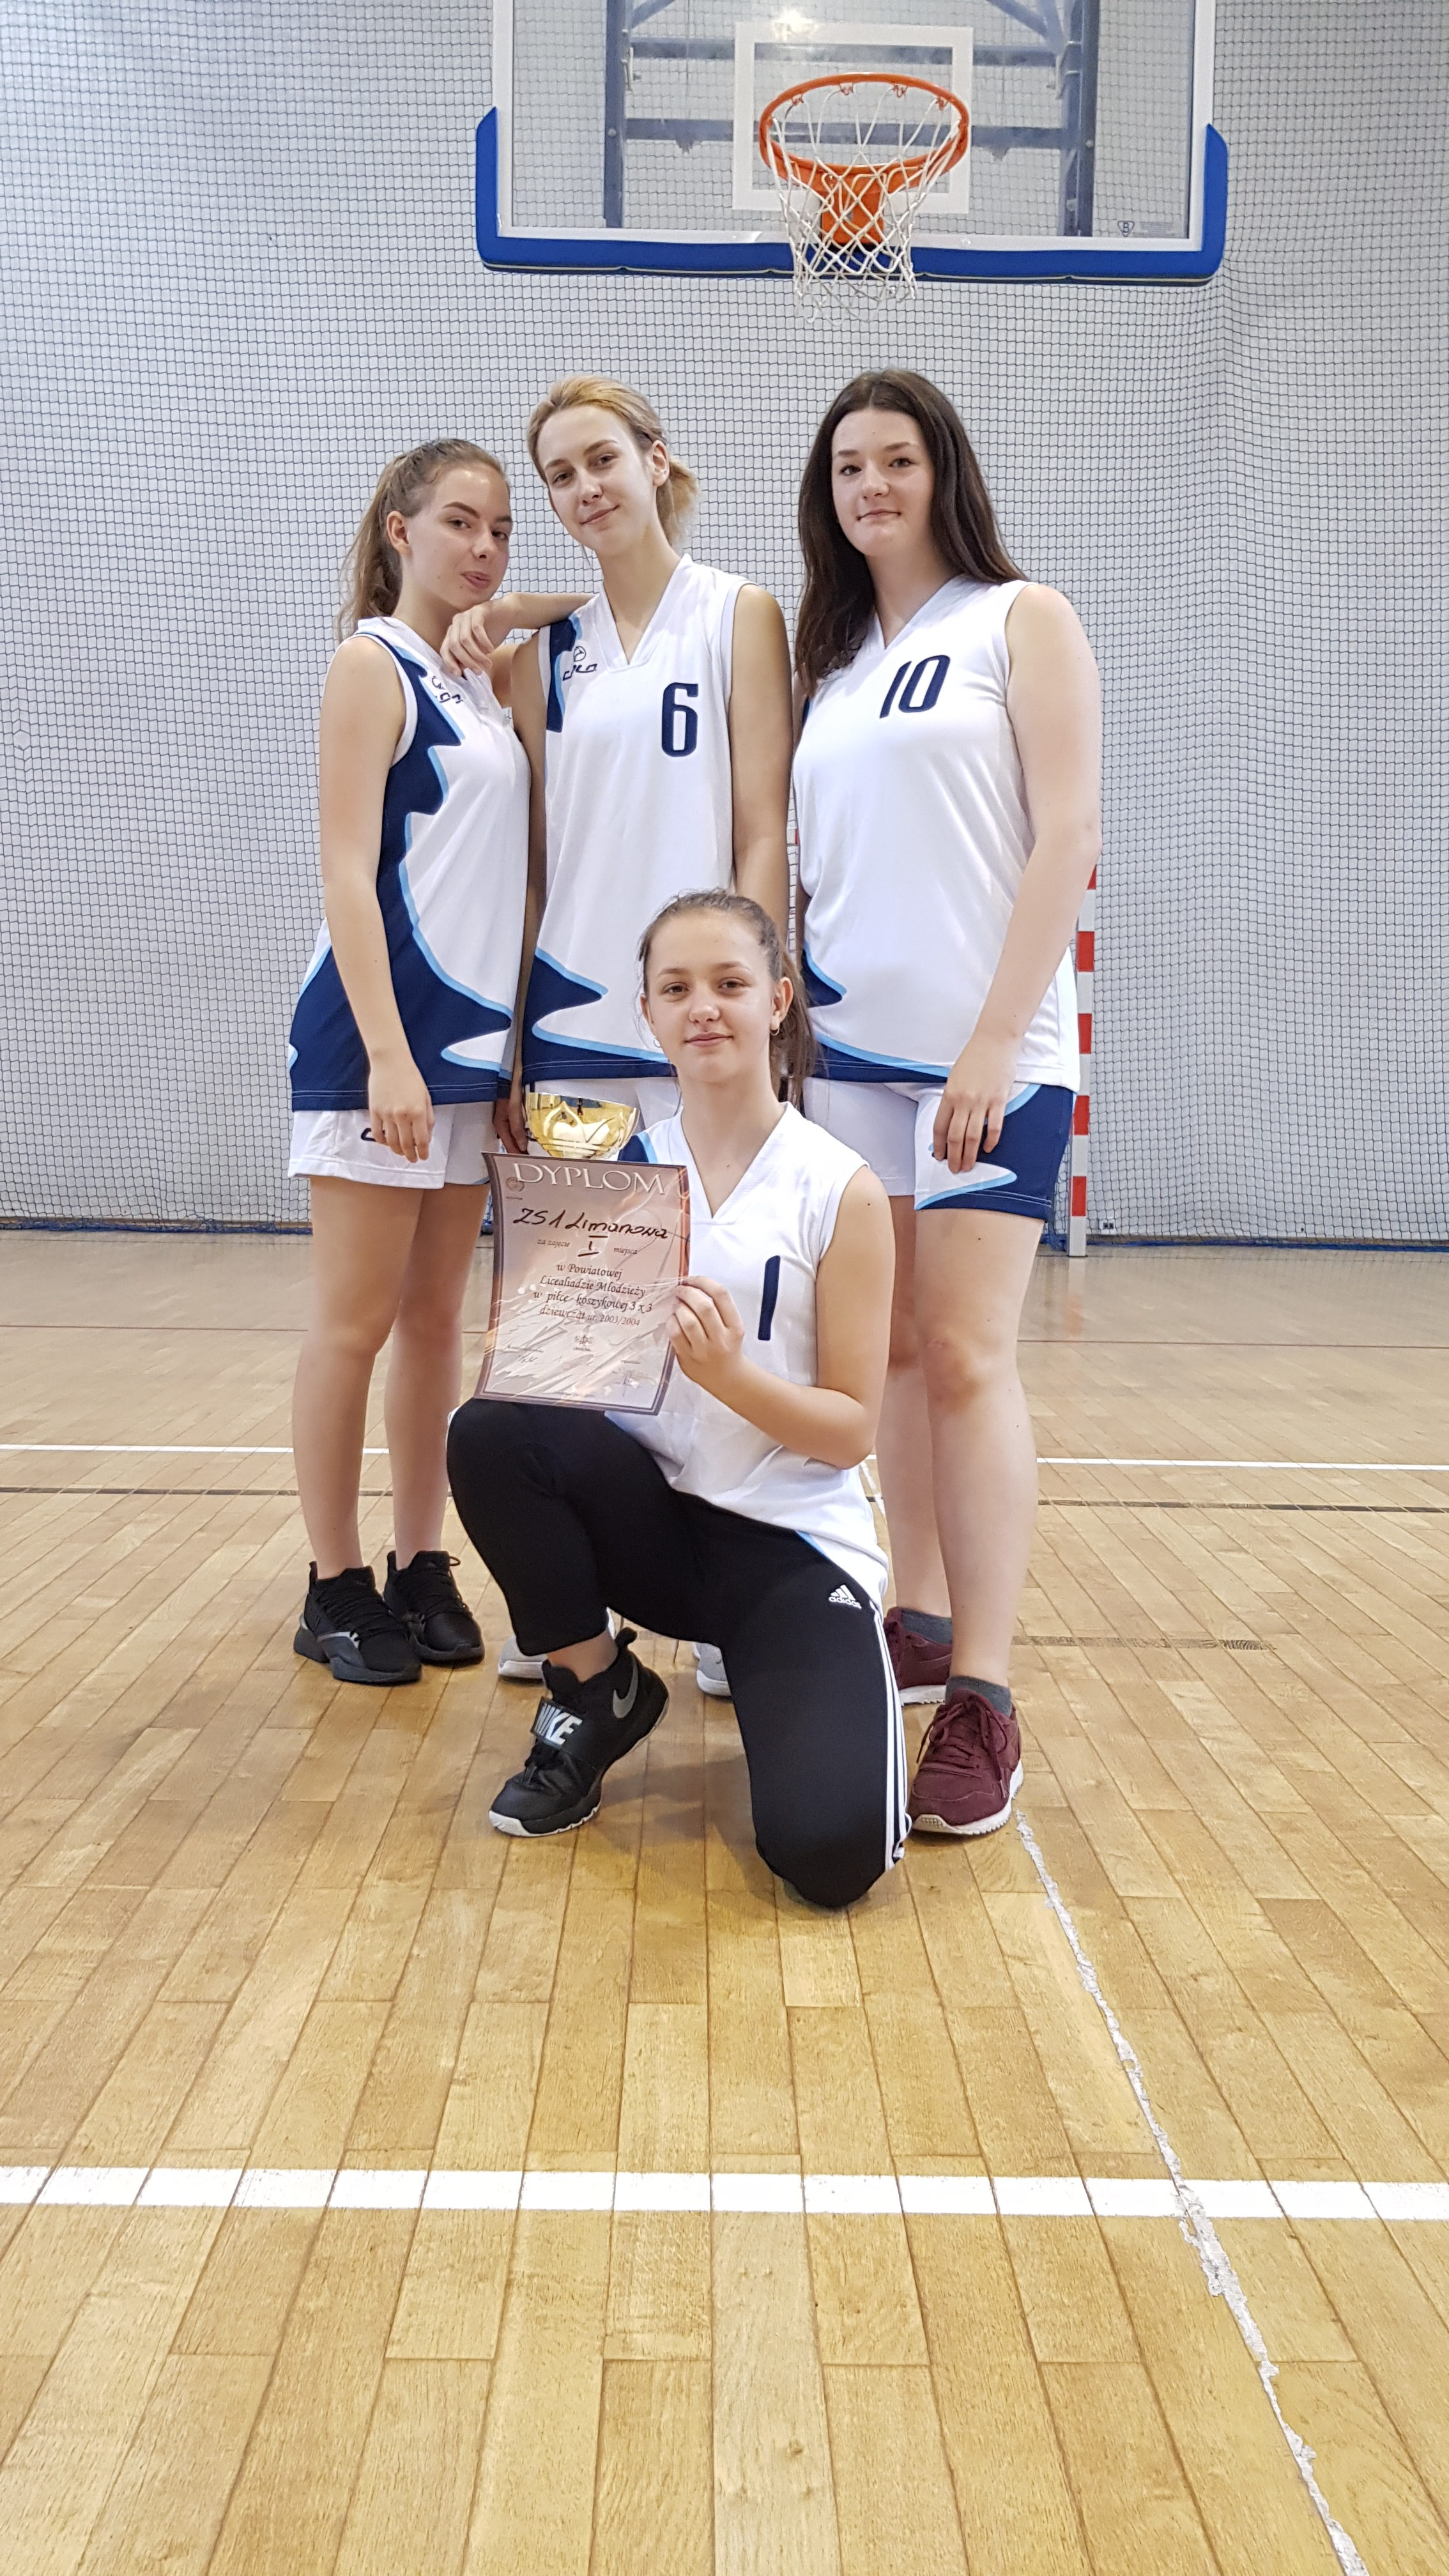 Powiatowa Licealiada Dziewcząt oraz Chlopcow w koszykówce14.11.2019